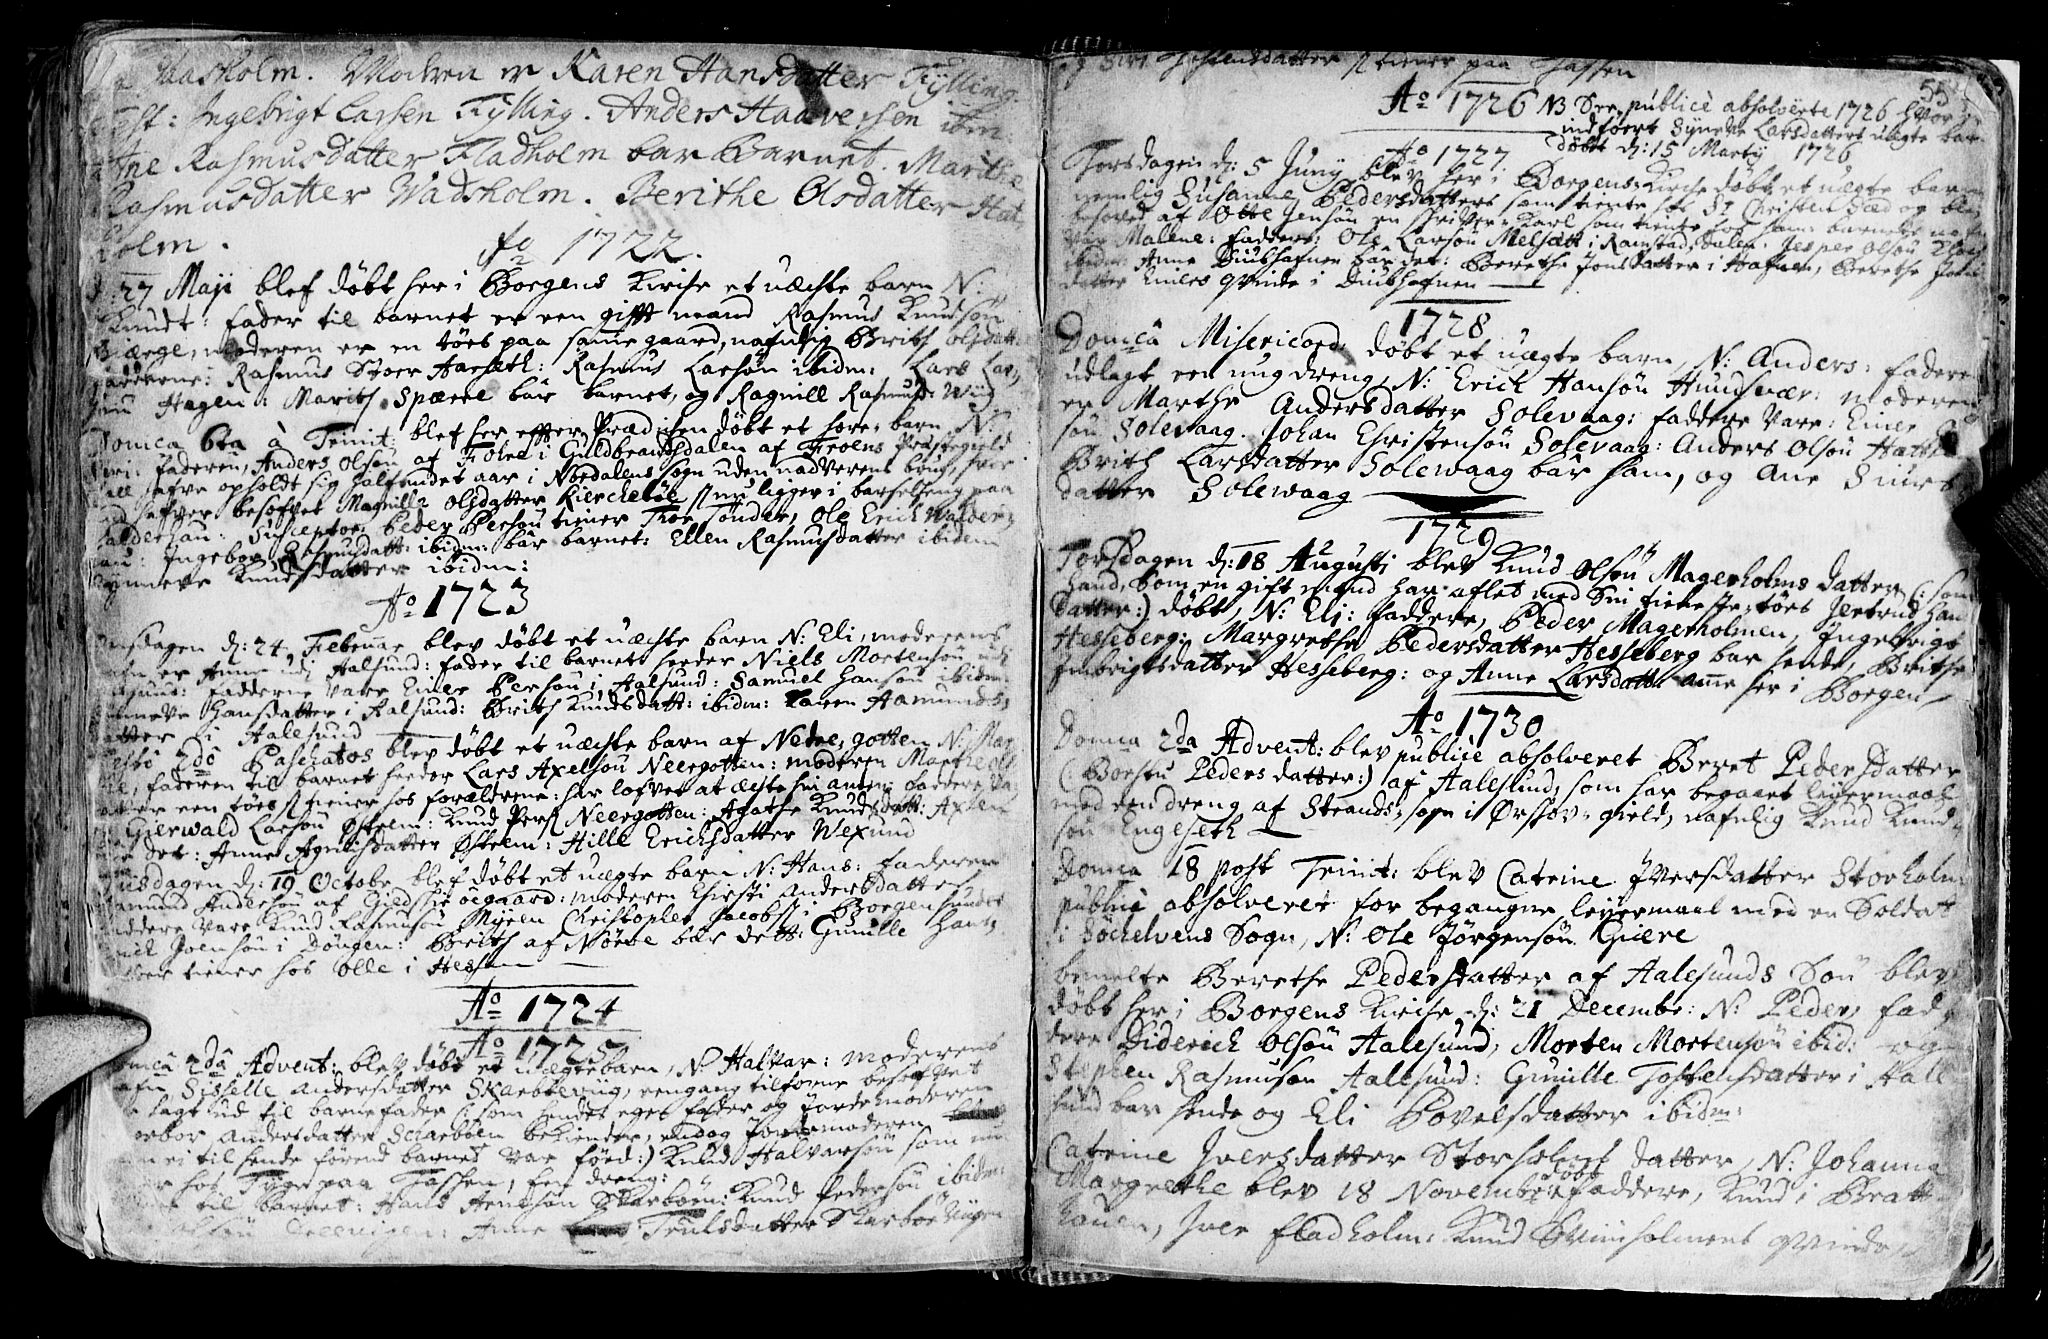 SAT, Ministerialprotokoller, klokkerbøker og fødselsregistre - Møre og Romsdal, 528/L0390: Ministerialbok nr. 528A01, 1698-1739, s. 556-557